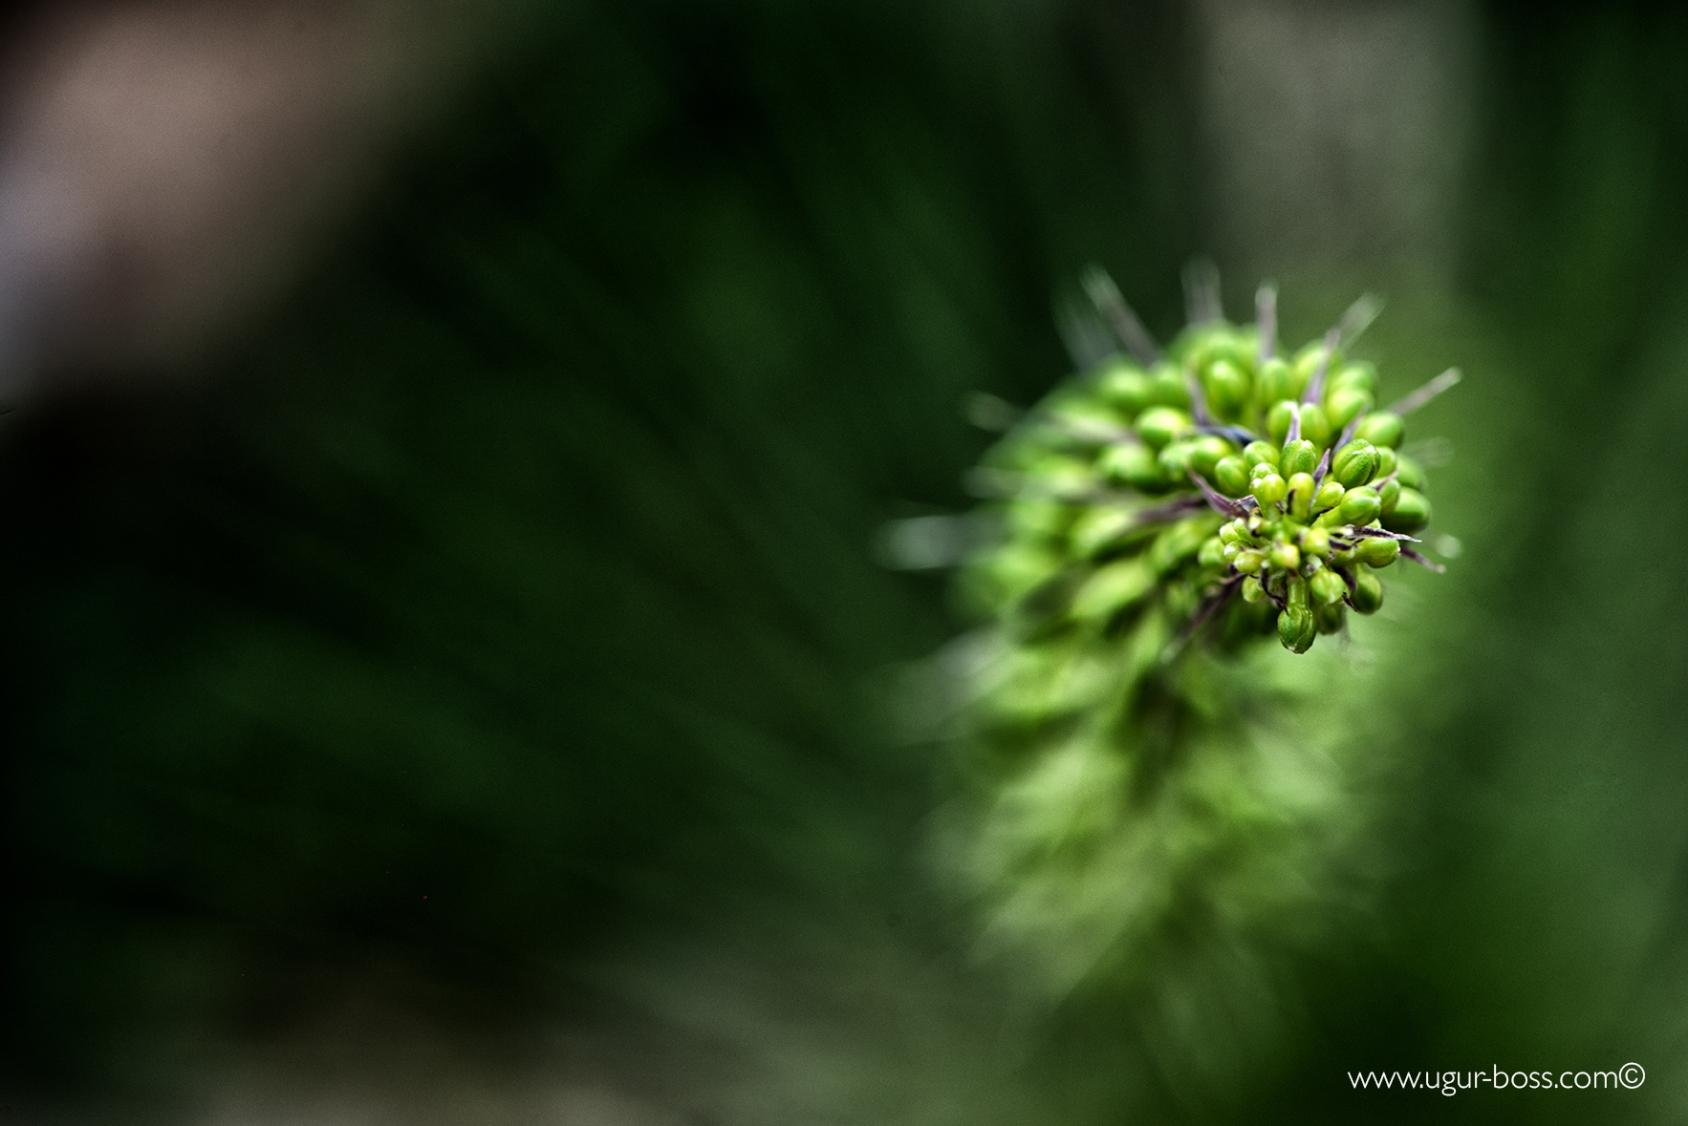 Sieht aus wie eine grüne Raupe, ist aber eine Pflanze.